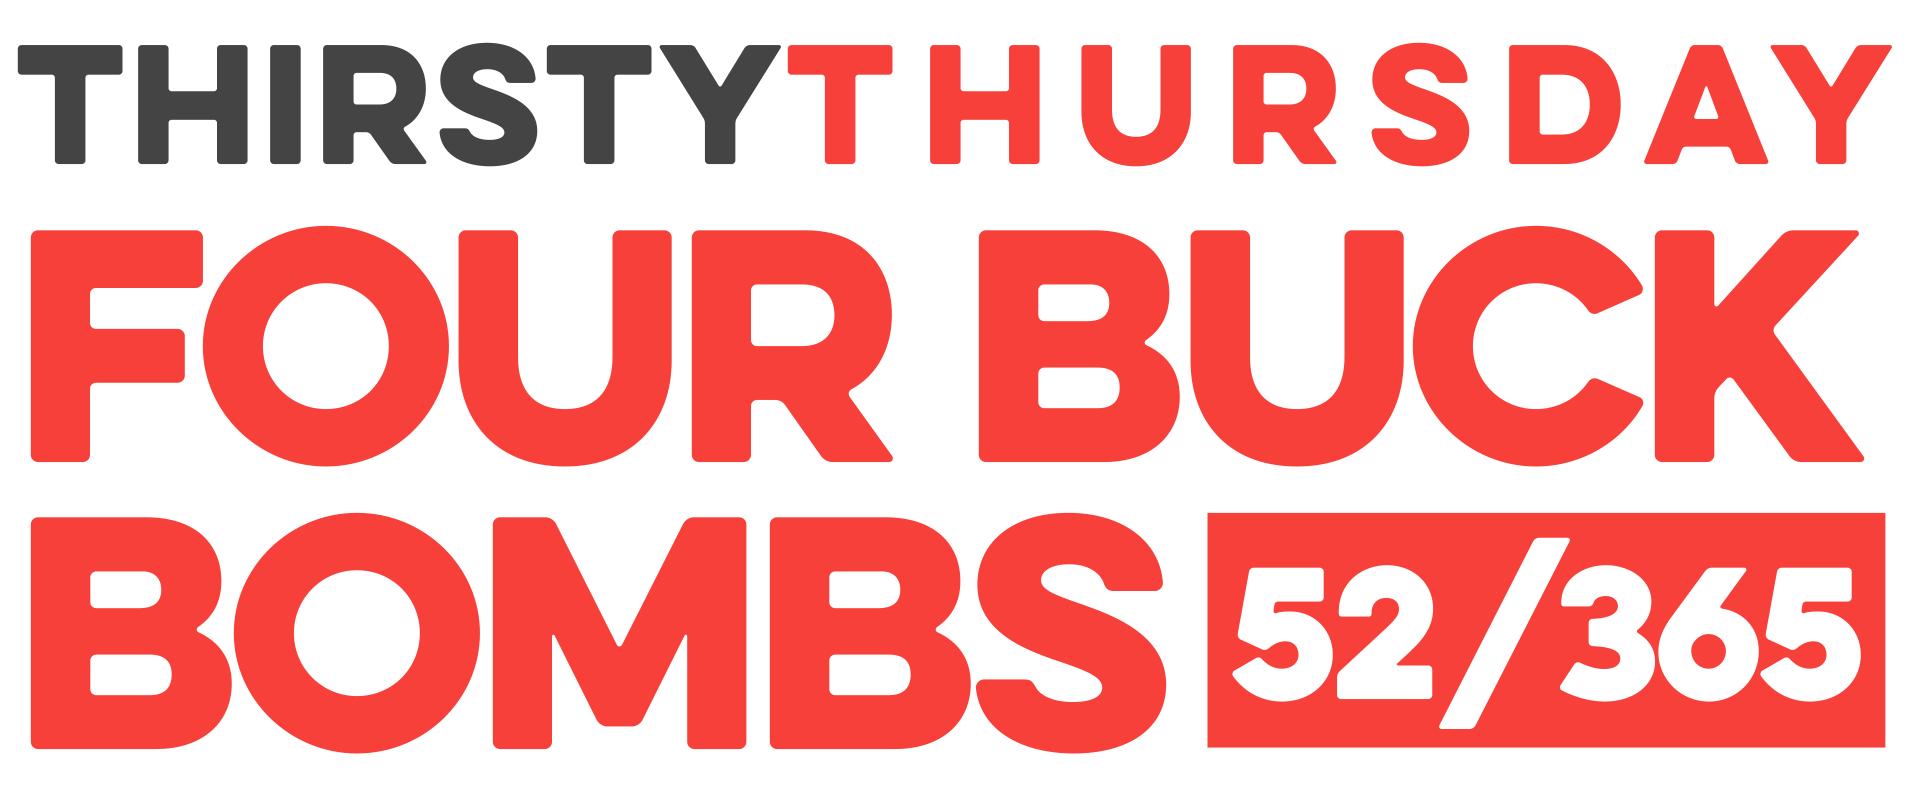 Thursday Thursday four buck bombs.